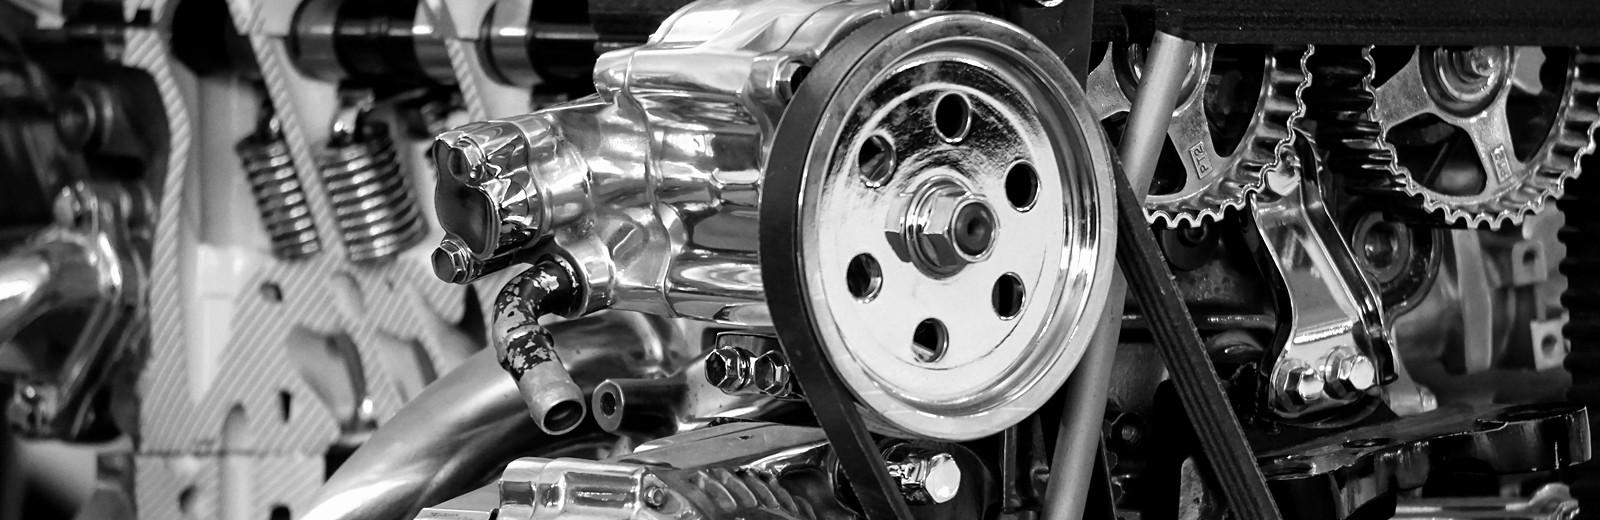 Narzędzia dla warsztatów samochodowych